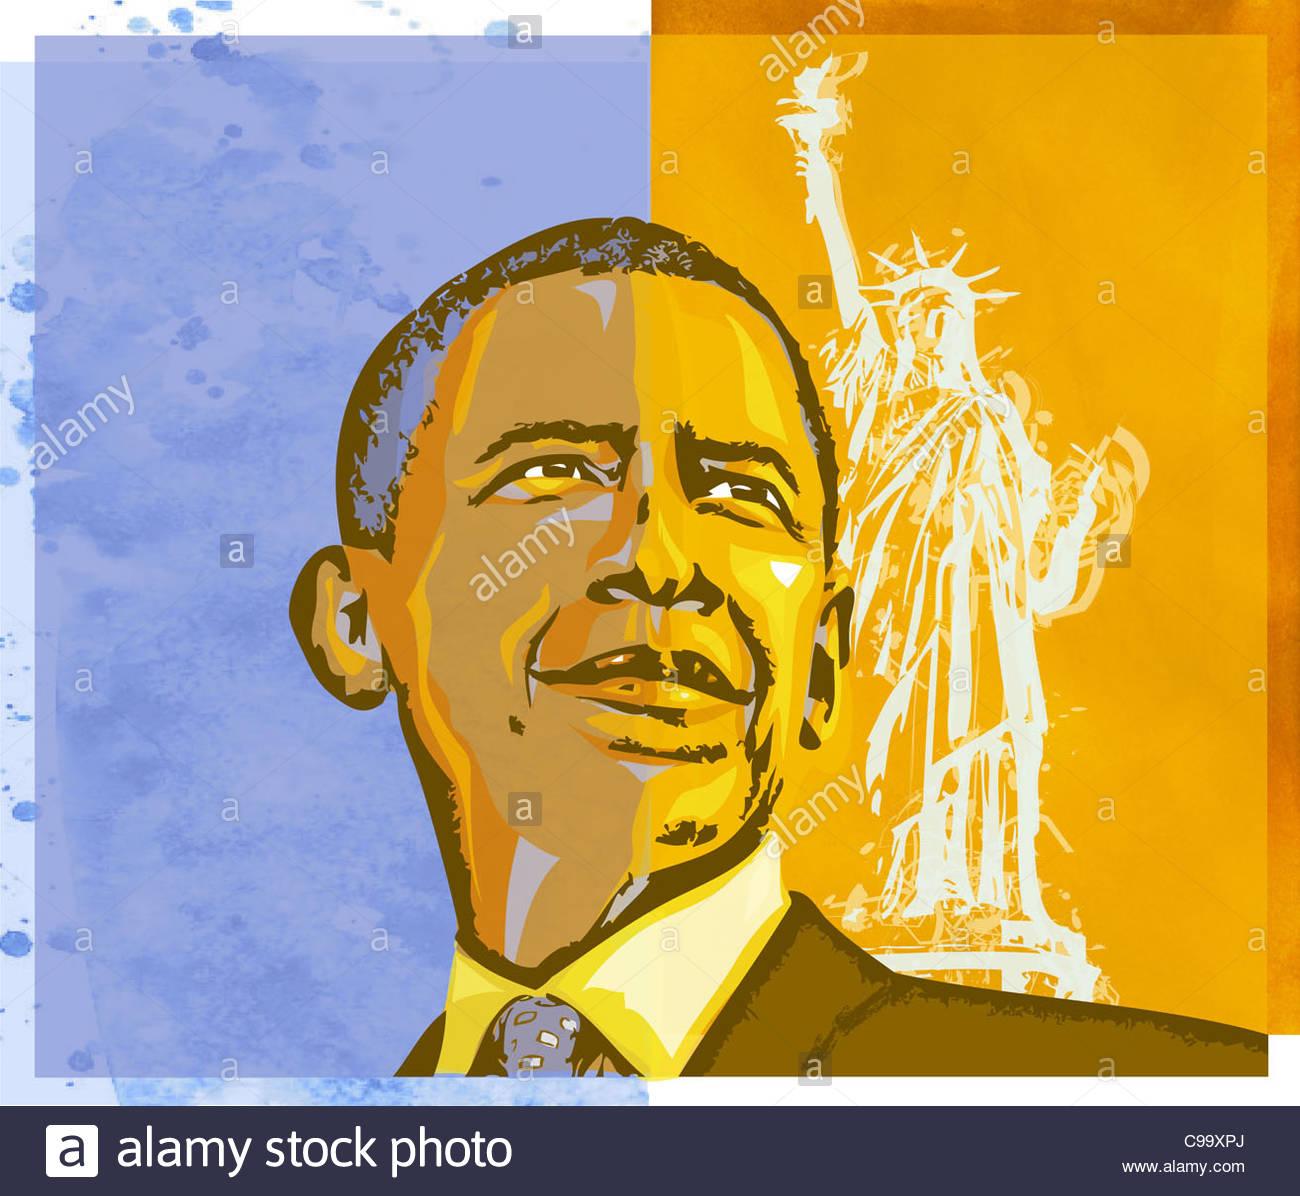 Barack Obama 4 - Stock Image